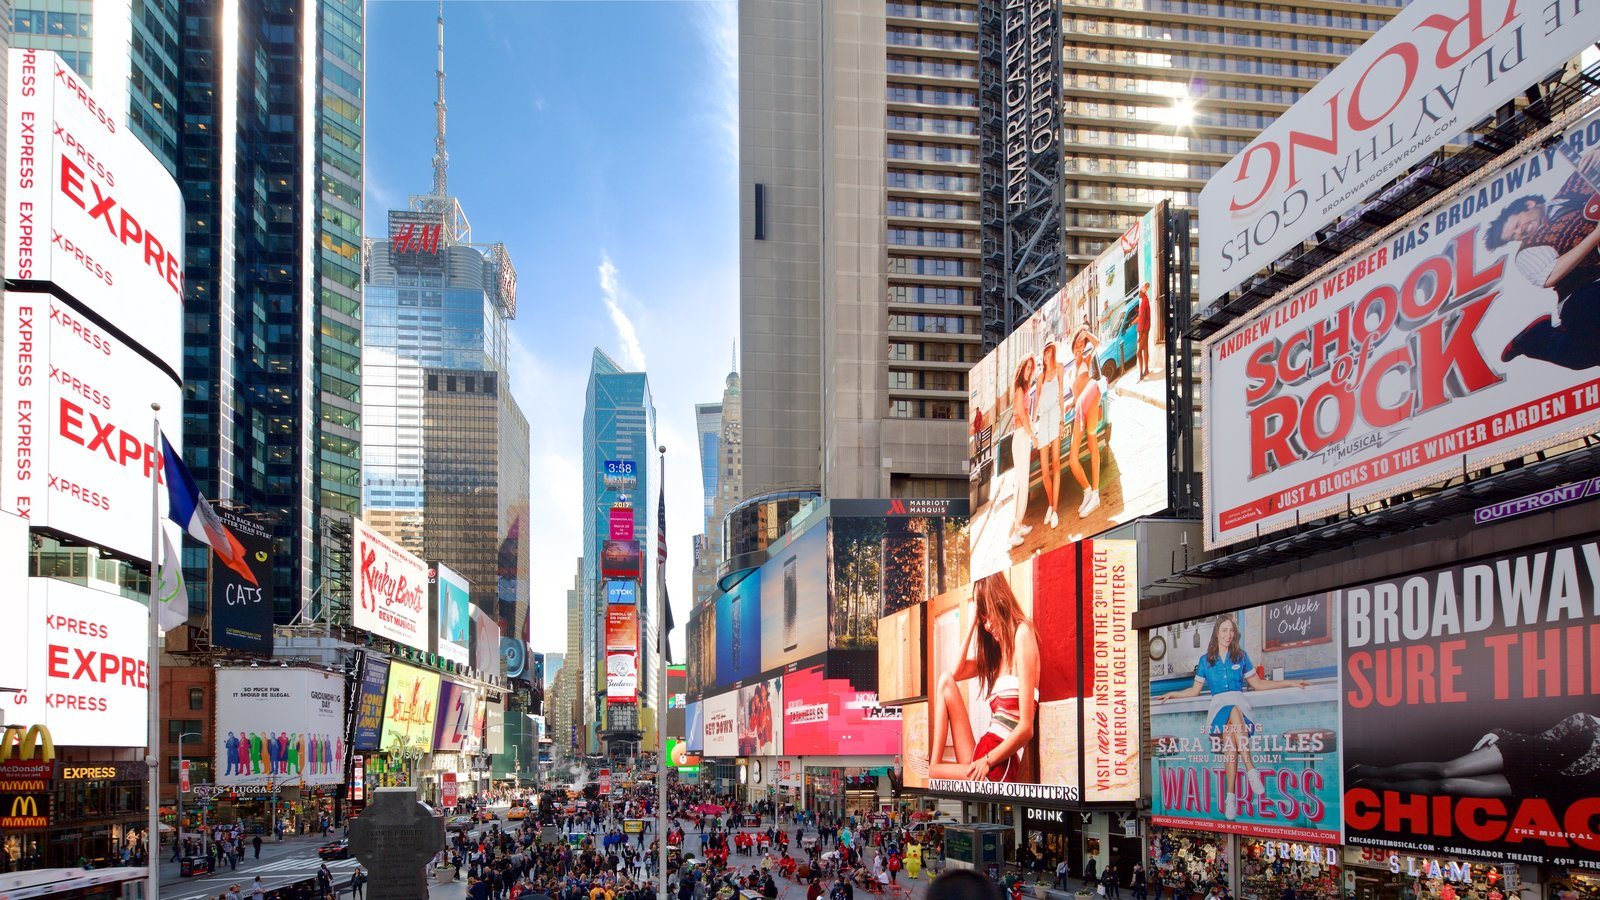 Times Square mostrando uma cidade, sinalização e um arranha-céu